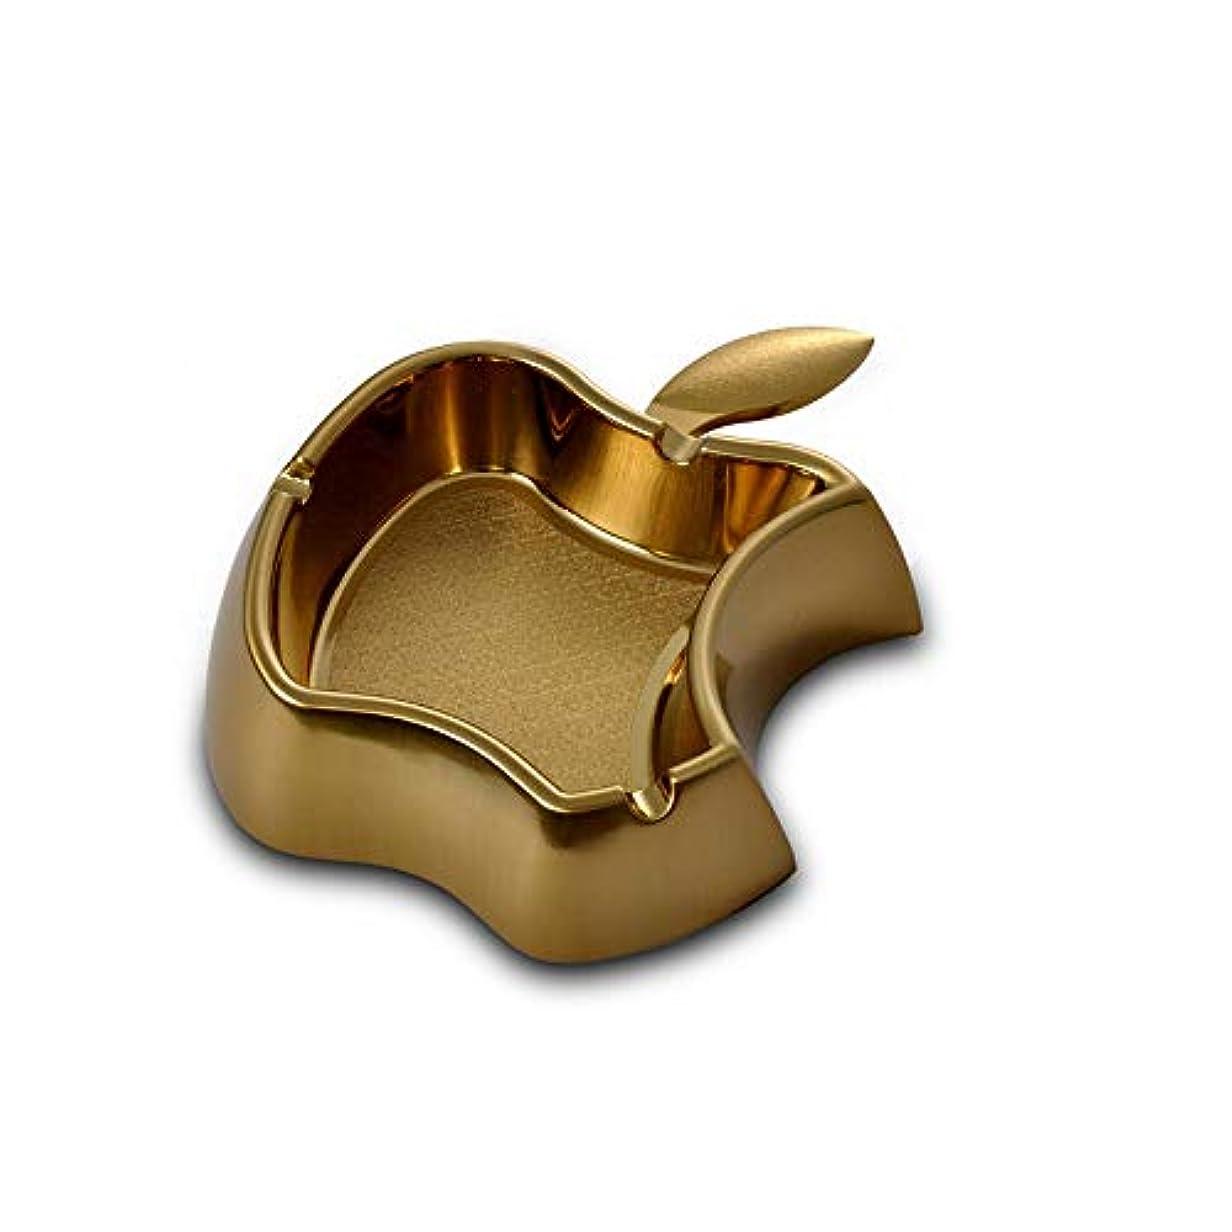 暗殺者記念碑的な憎しみクリエイティブアップルメタル灰皿シンプルな灰皿耐火ドロップ灰皿 (色 : ゴールド)